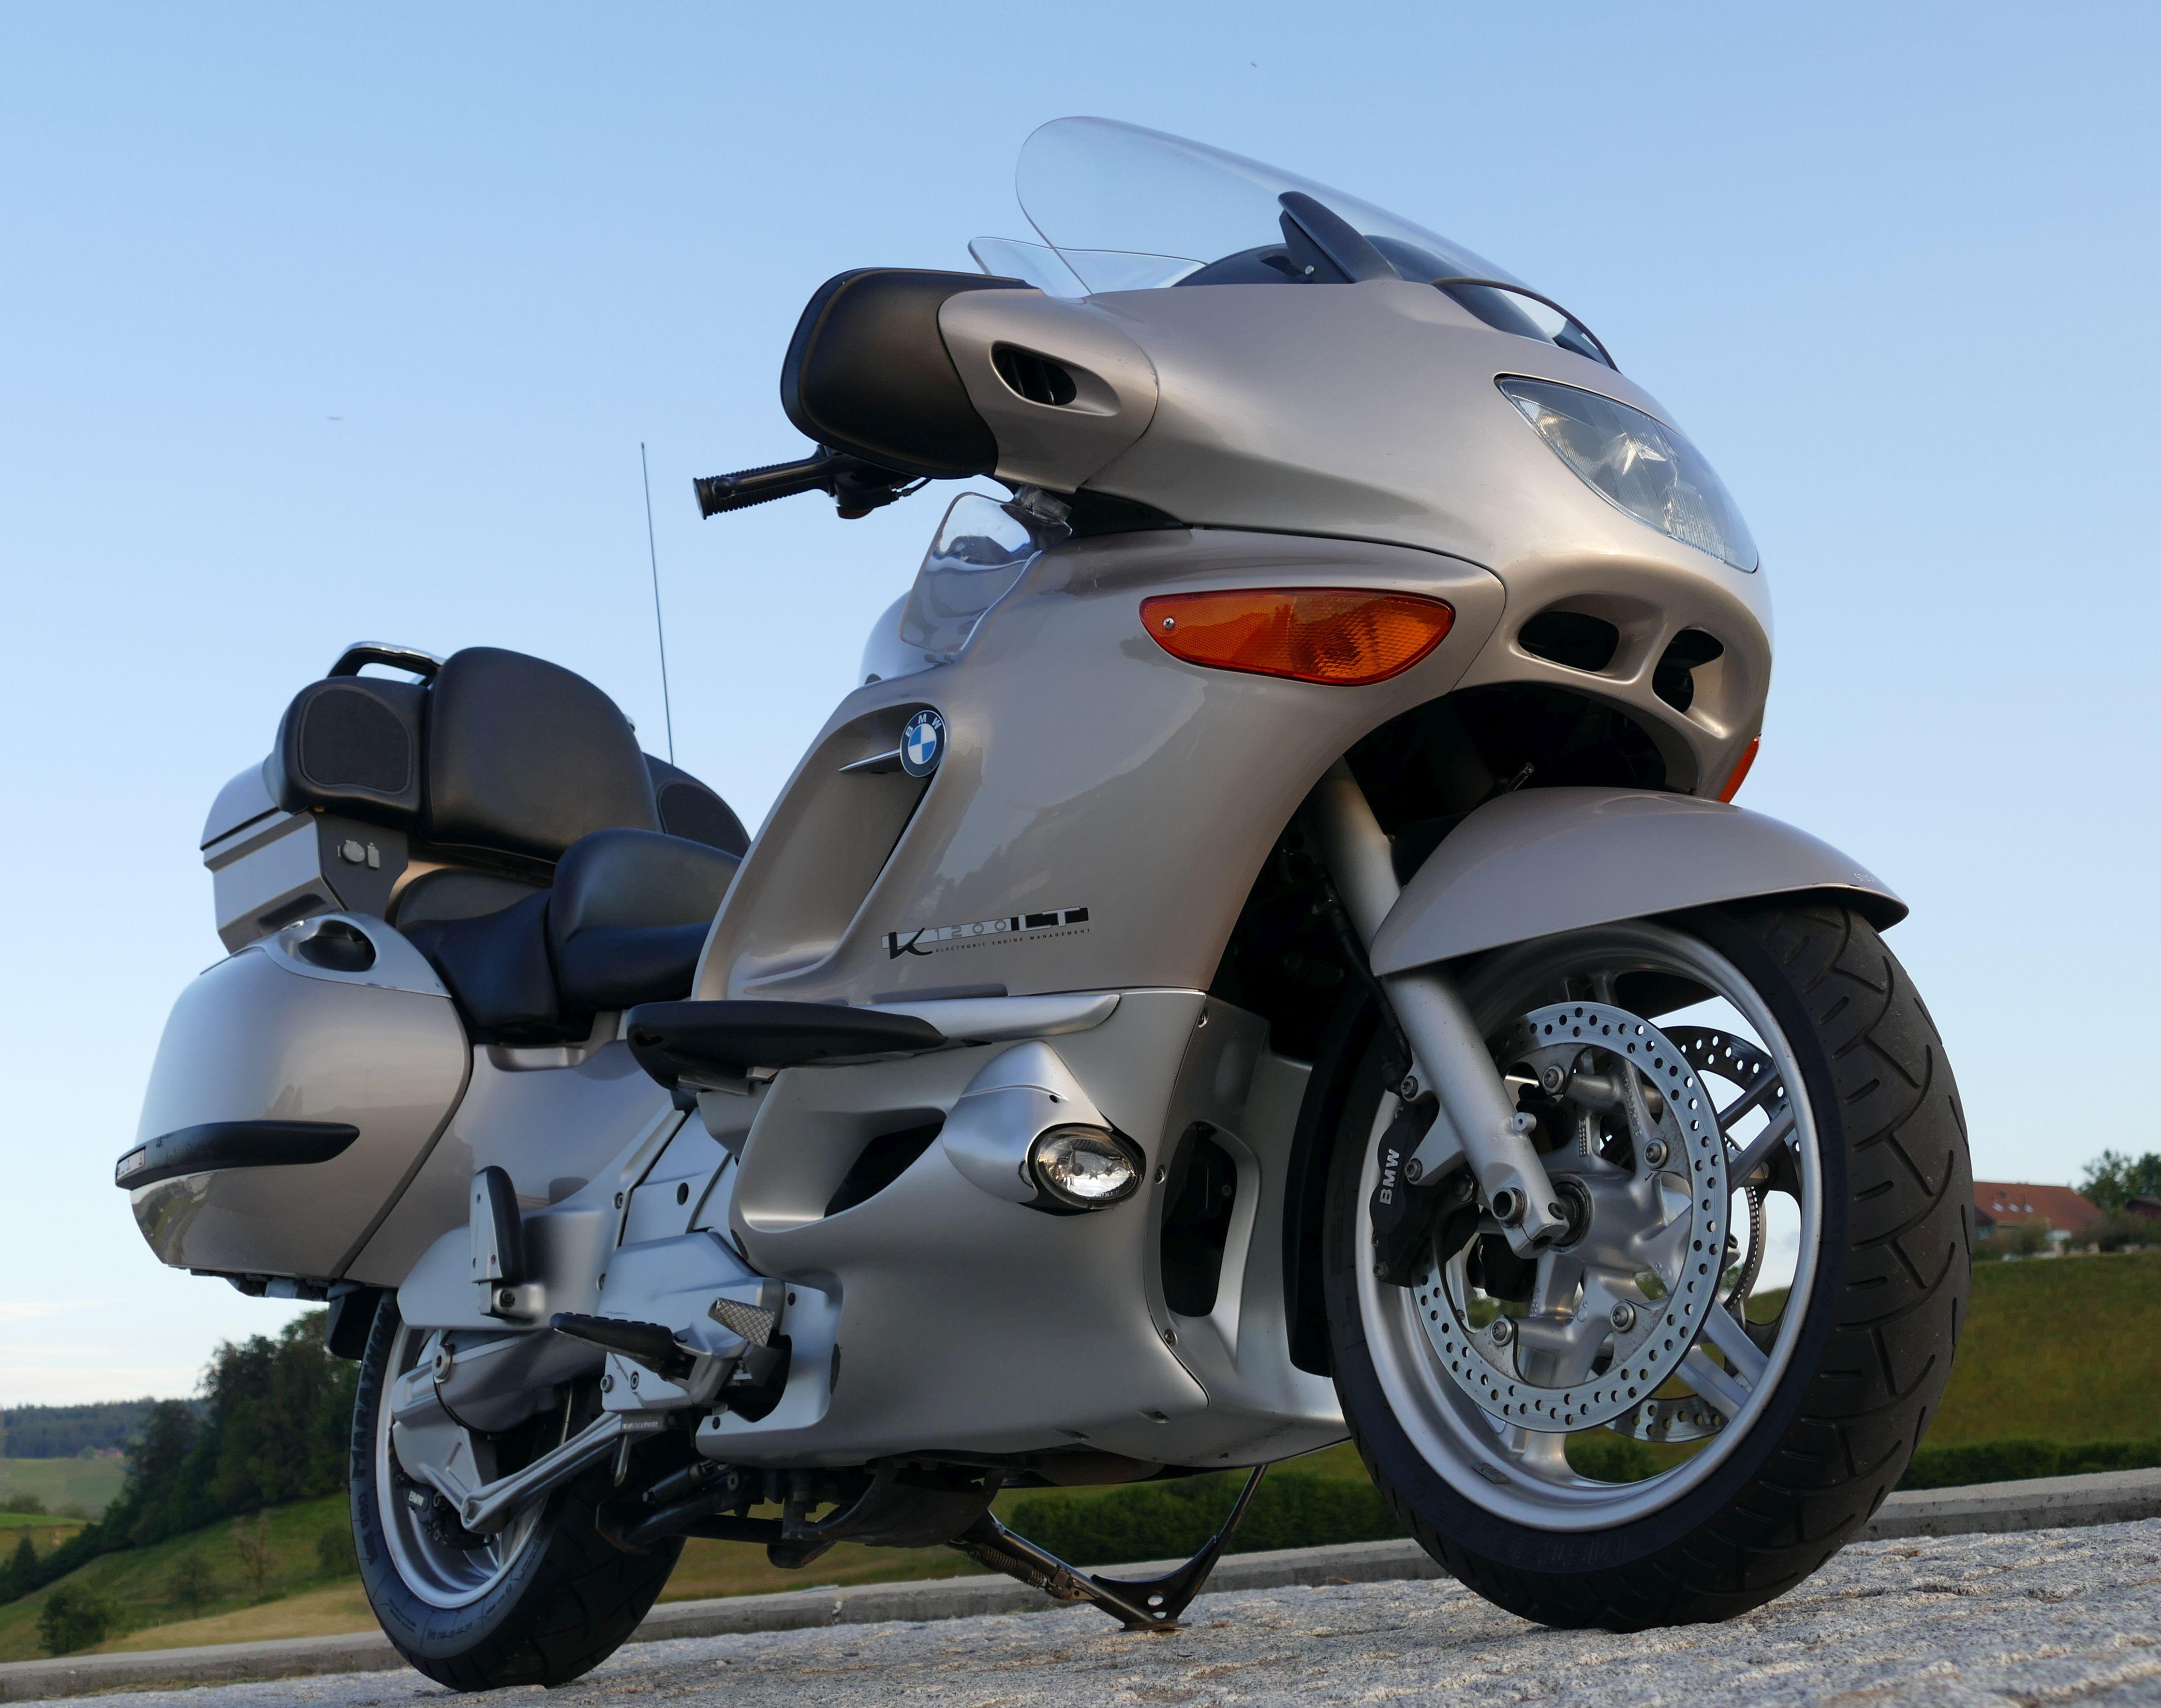 Motorrad BMW K 1200 LT